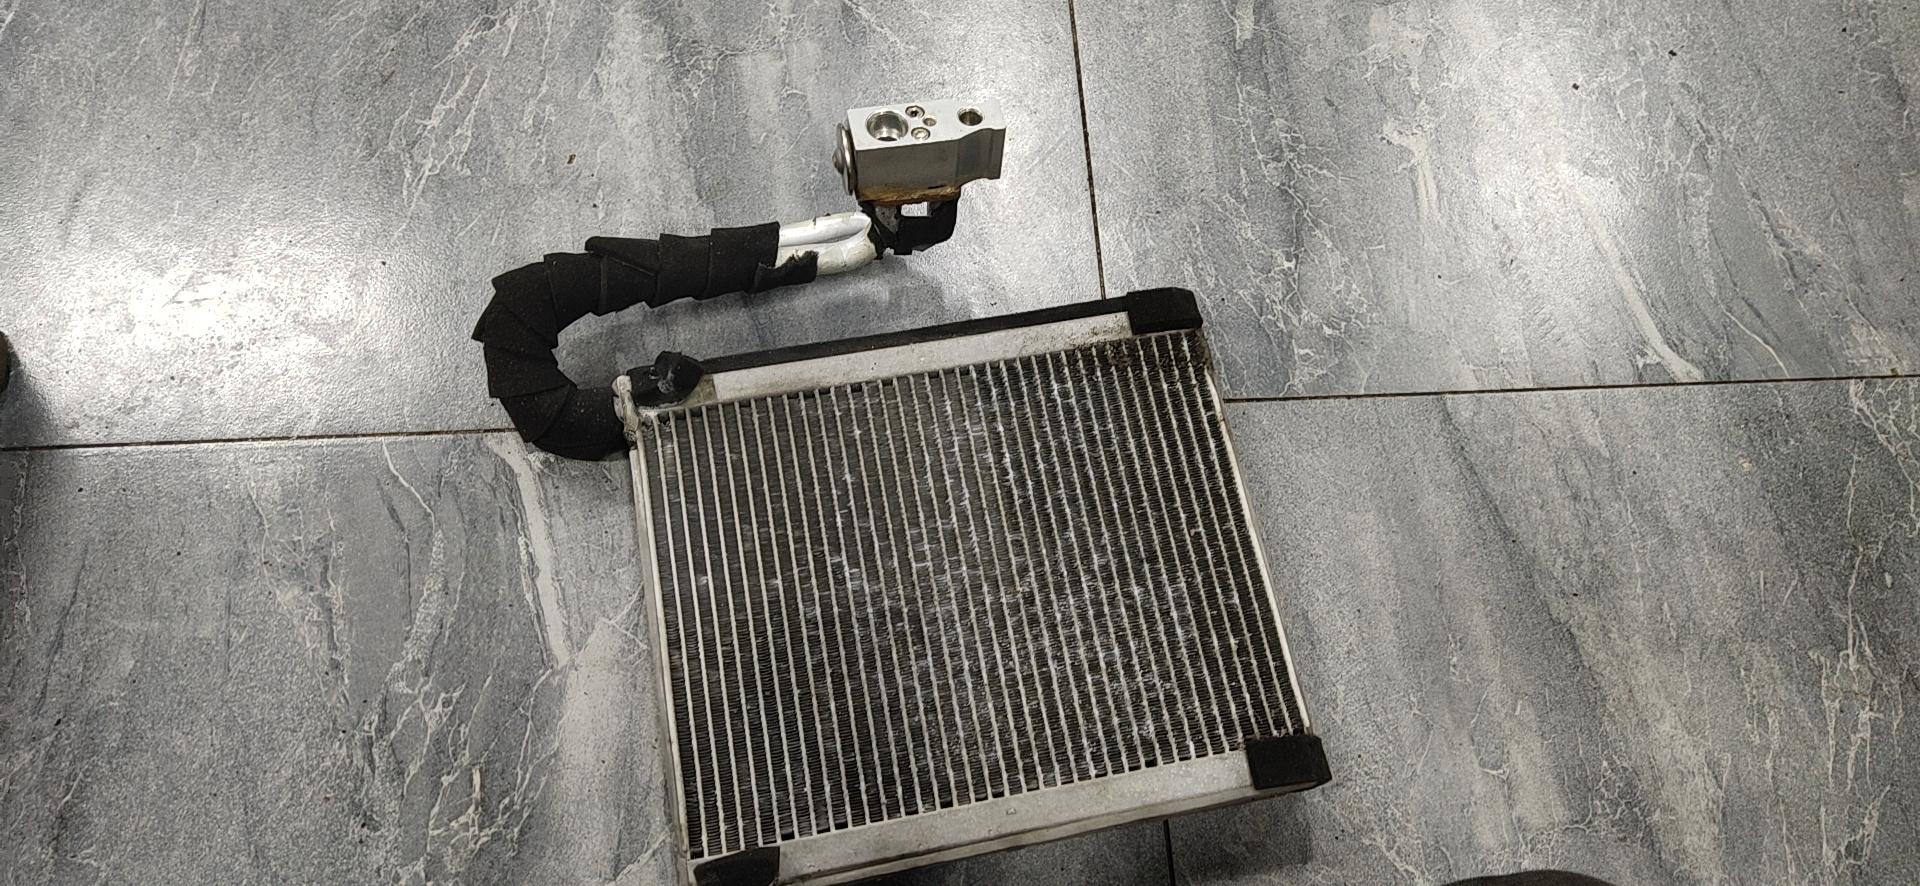 北汽绅宝-绅宝D50 蒸发器膨胀阀生锈漏氟,导致空调不制冷